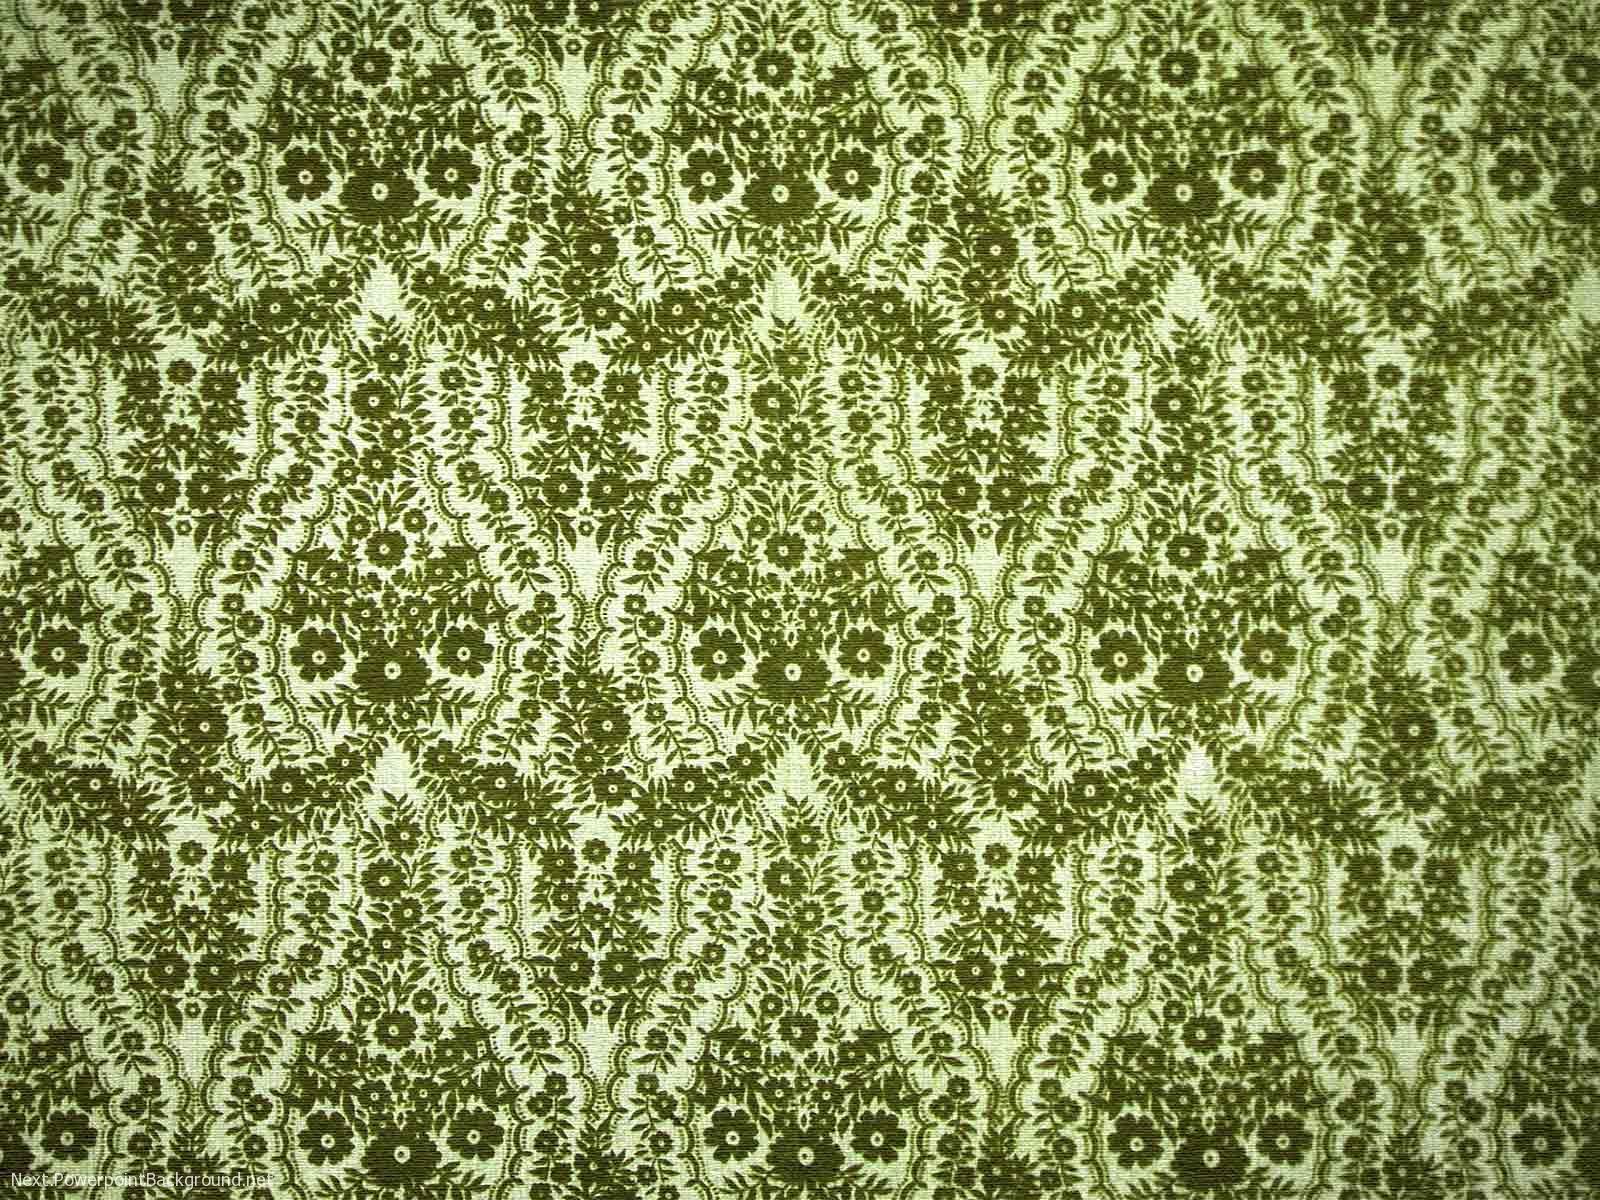 natural-batik-canvas-texture-background-powerpoint